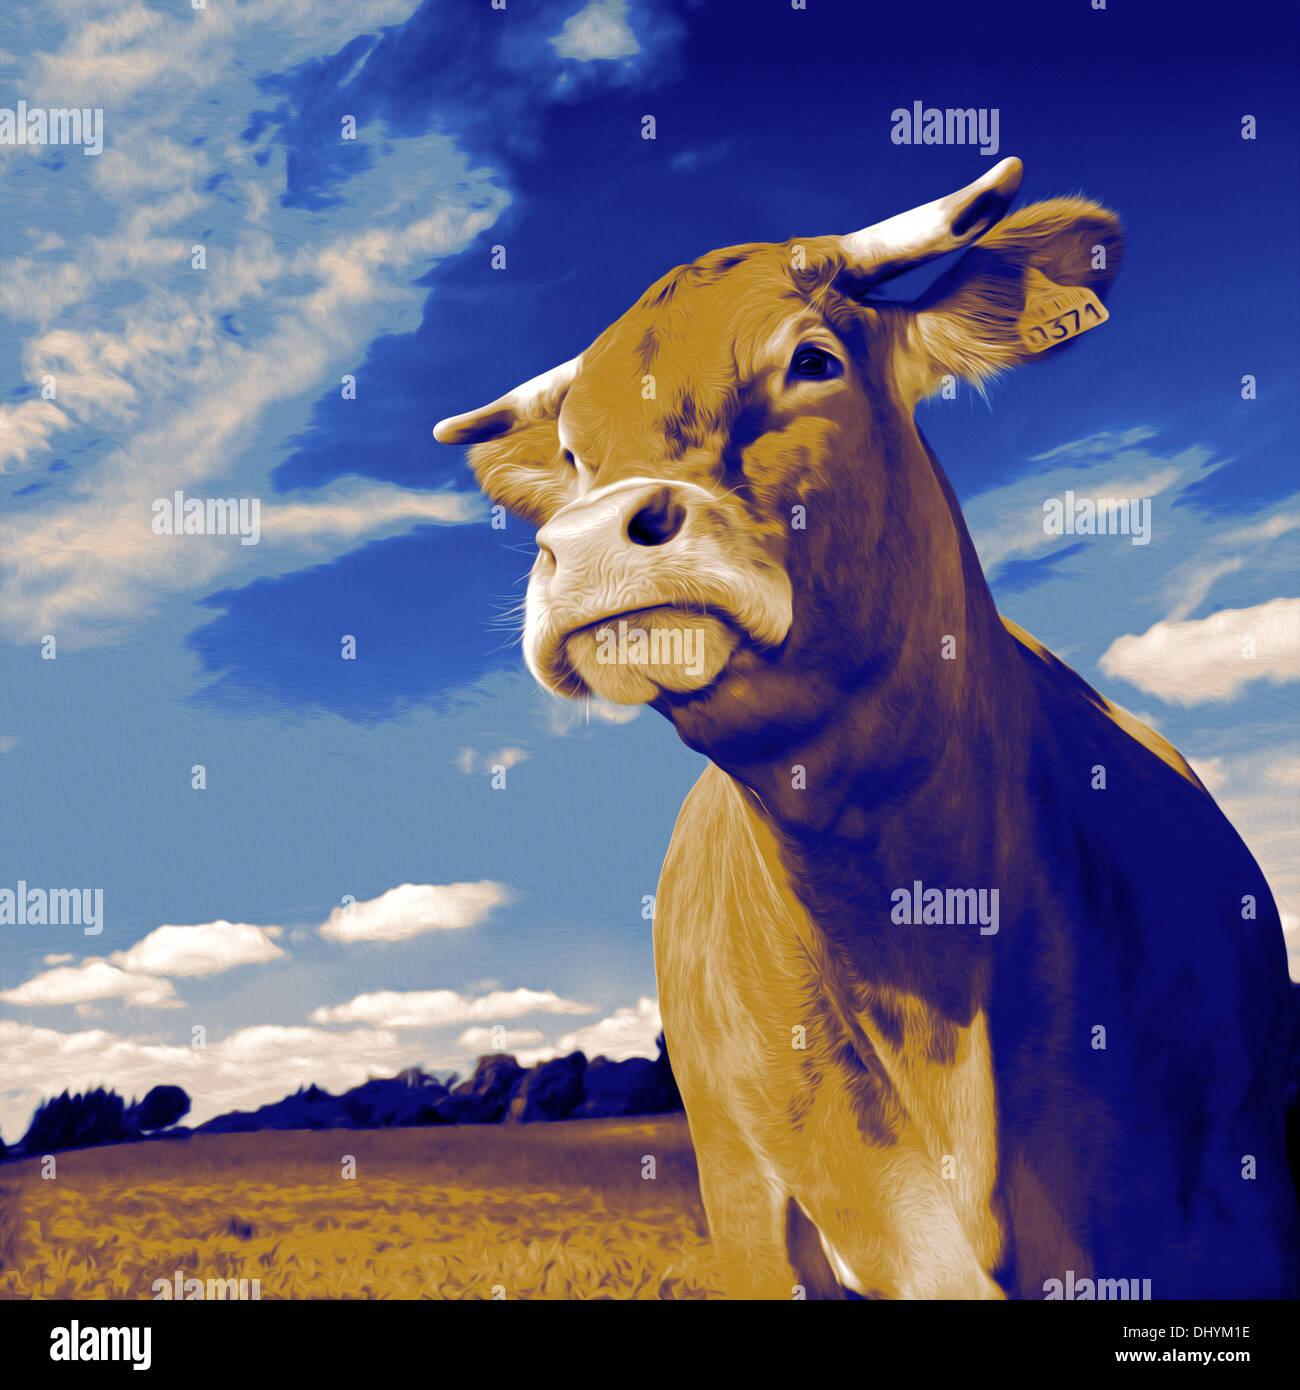 Portrait de vache dans un style pop-art. Portrait de vache façon Pop Art. Photo Stock